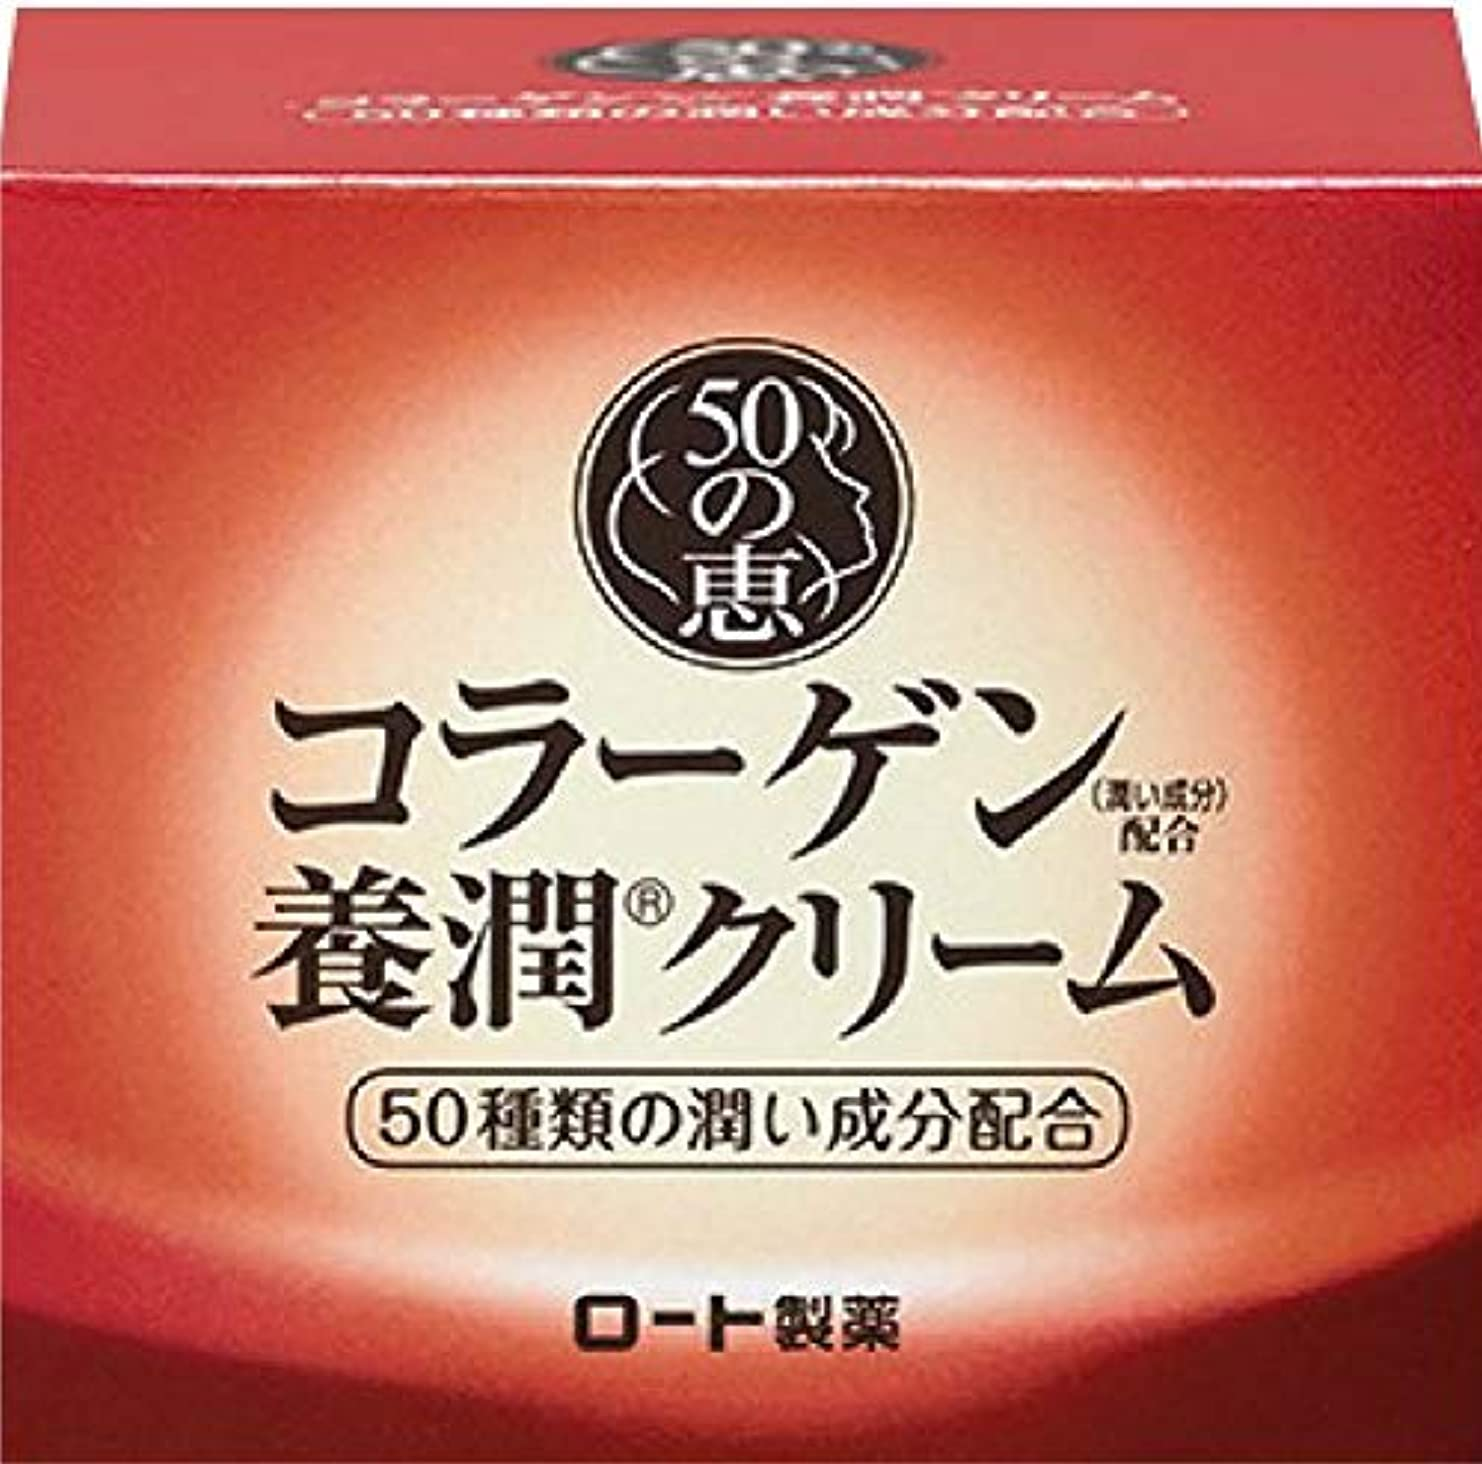 不良品茎返還ロート製薬 50の恵エイジングケア 養潤成分50種類配合 クリーム 90g